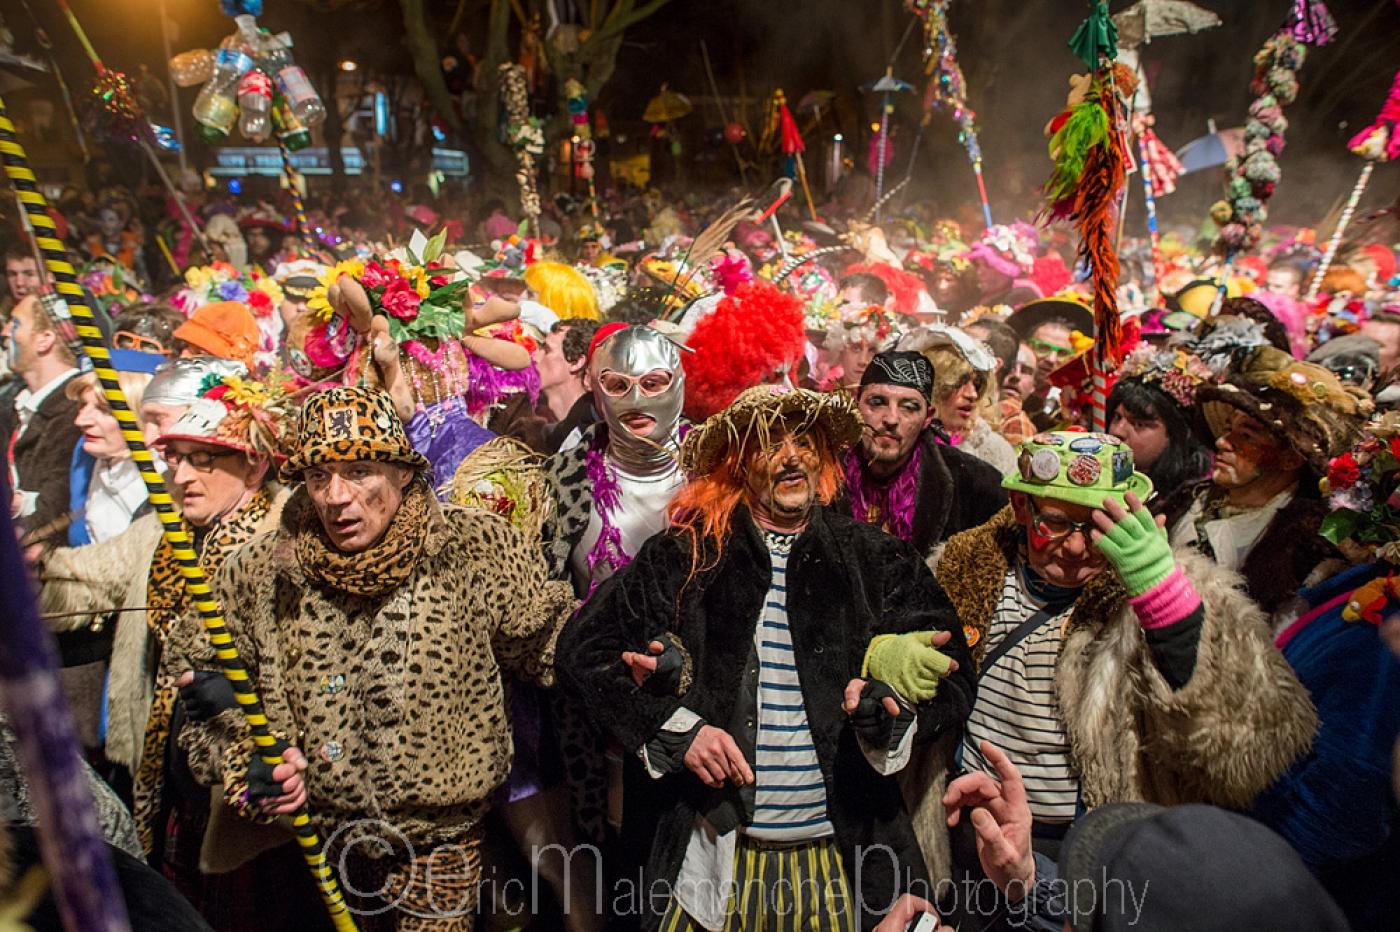 https://www.ericmalemanche.com/imagess/topics/carnaval-de-dunkerque/liste/Carnaval-Dunkerque-6597.jpg